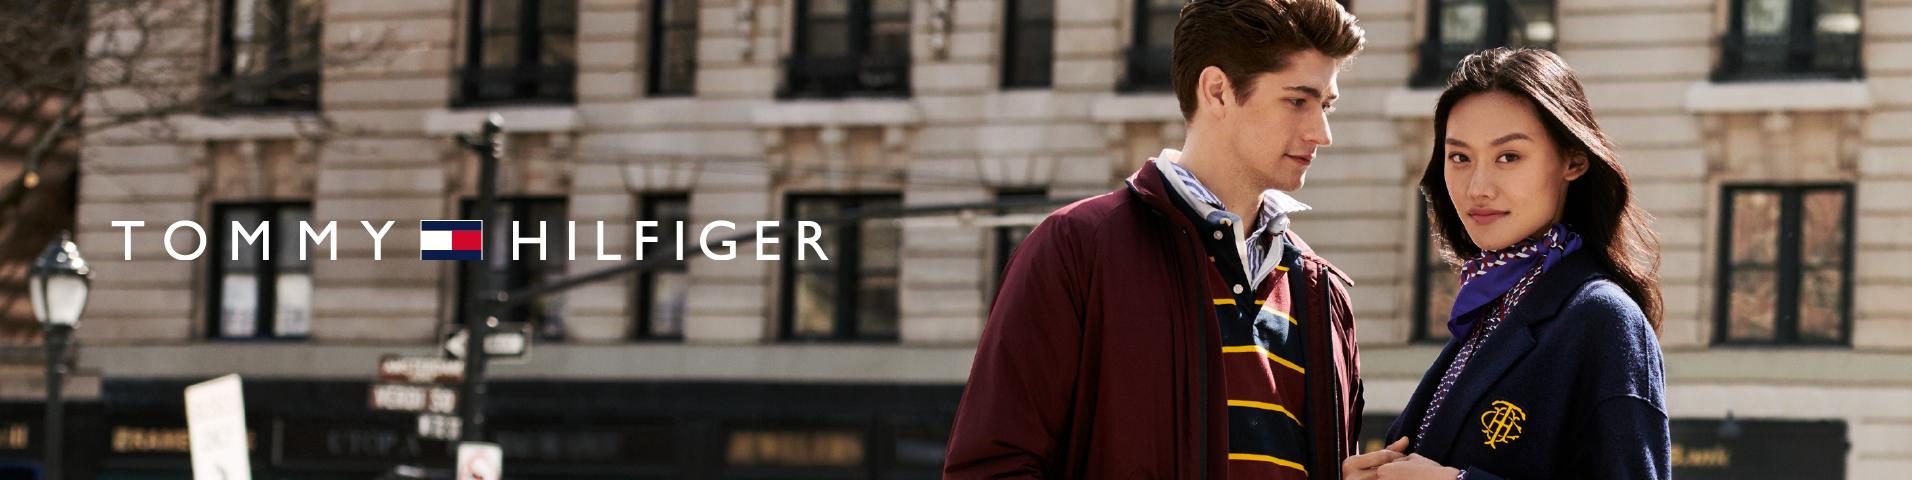 Tommy Hilfiger Online Shop | Tommy Hilfiger online bestellen